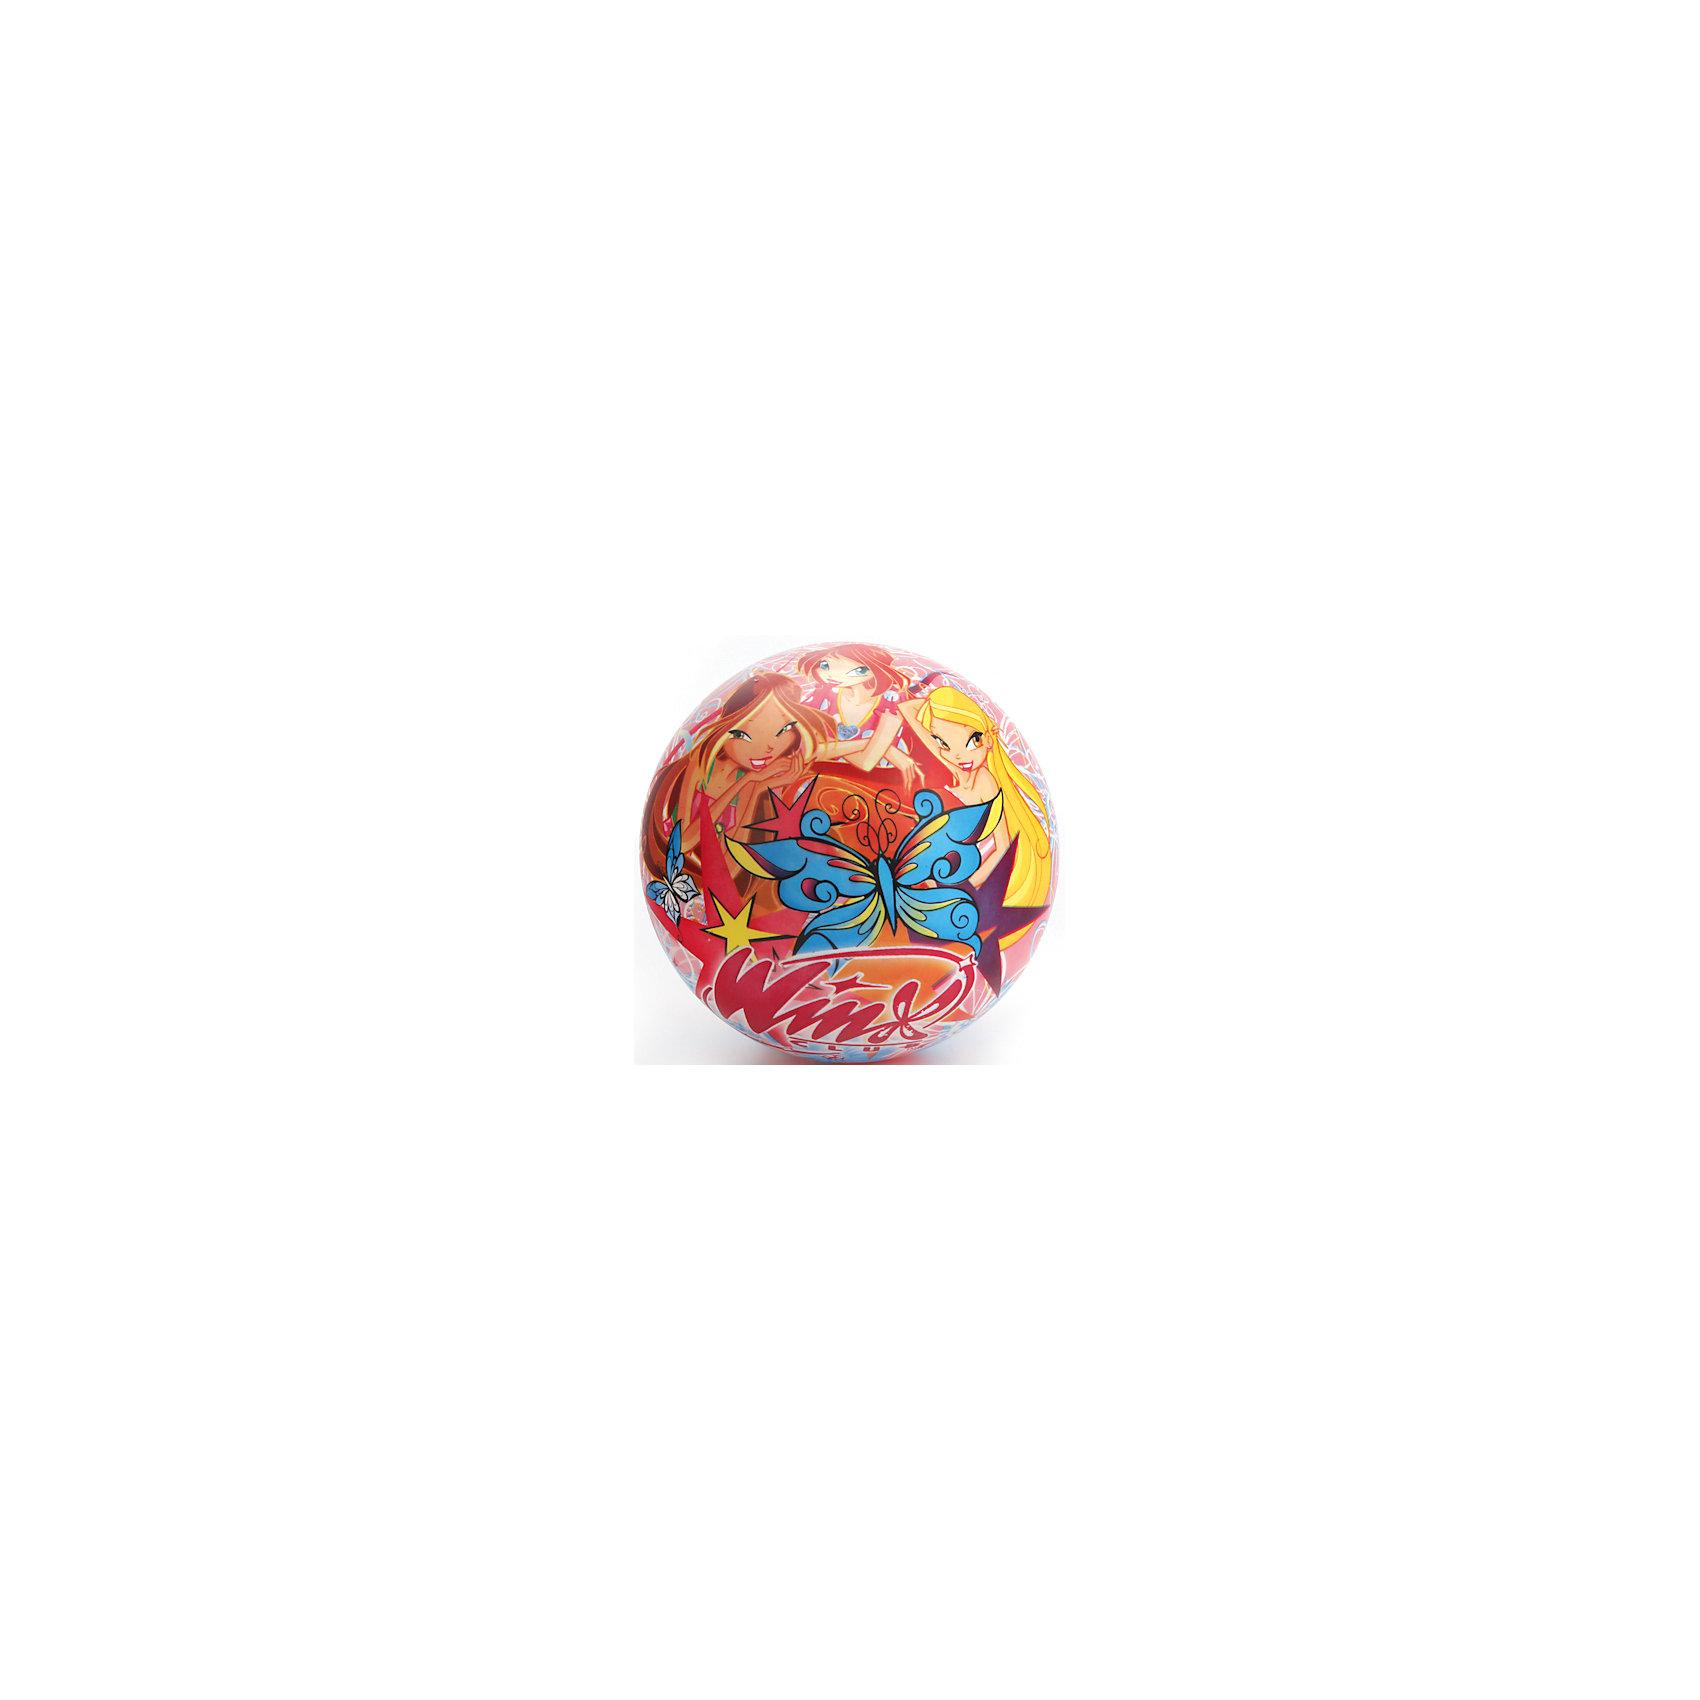 Мяч, 23 см, Winx Club, Играем вместеПопулярные игрушки<br>Мяч с изображением любимых героев - прекрасный подарок для любого ребенка! Игры с мячом  стимулируют детей к физической активности, развивают моторику, координацию, тренируют различные группы мышц. Игрушка выполнена из высококачественных материалов, в производстве которых использованы только нетоксичные, безопасные для детей красители. <br><br>Дополнительная информация:<br><br>- Материал: ПВХ.<br>- Размер d - 23 см.<br>- Оформлен изображениями Стеллы, Флоры и Блум.<br><br>Мяч, 23 см, Winx Club (Винкс Клуб), Играем вместе, можно купить в нашем магазине.<br><br>Ширина мм: 460<br>Глубина мм: 360<br>Высота мм: 280<br>Вес г: 110<br>Возраст от месяцев: 36<br>Возраст до месяцев: 144<br>Пол: Женский<br>Возраст: Детский<br>SKU: 4616826